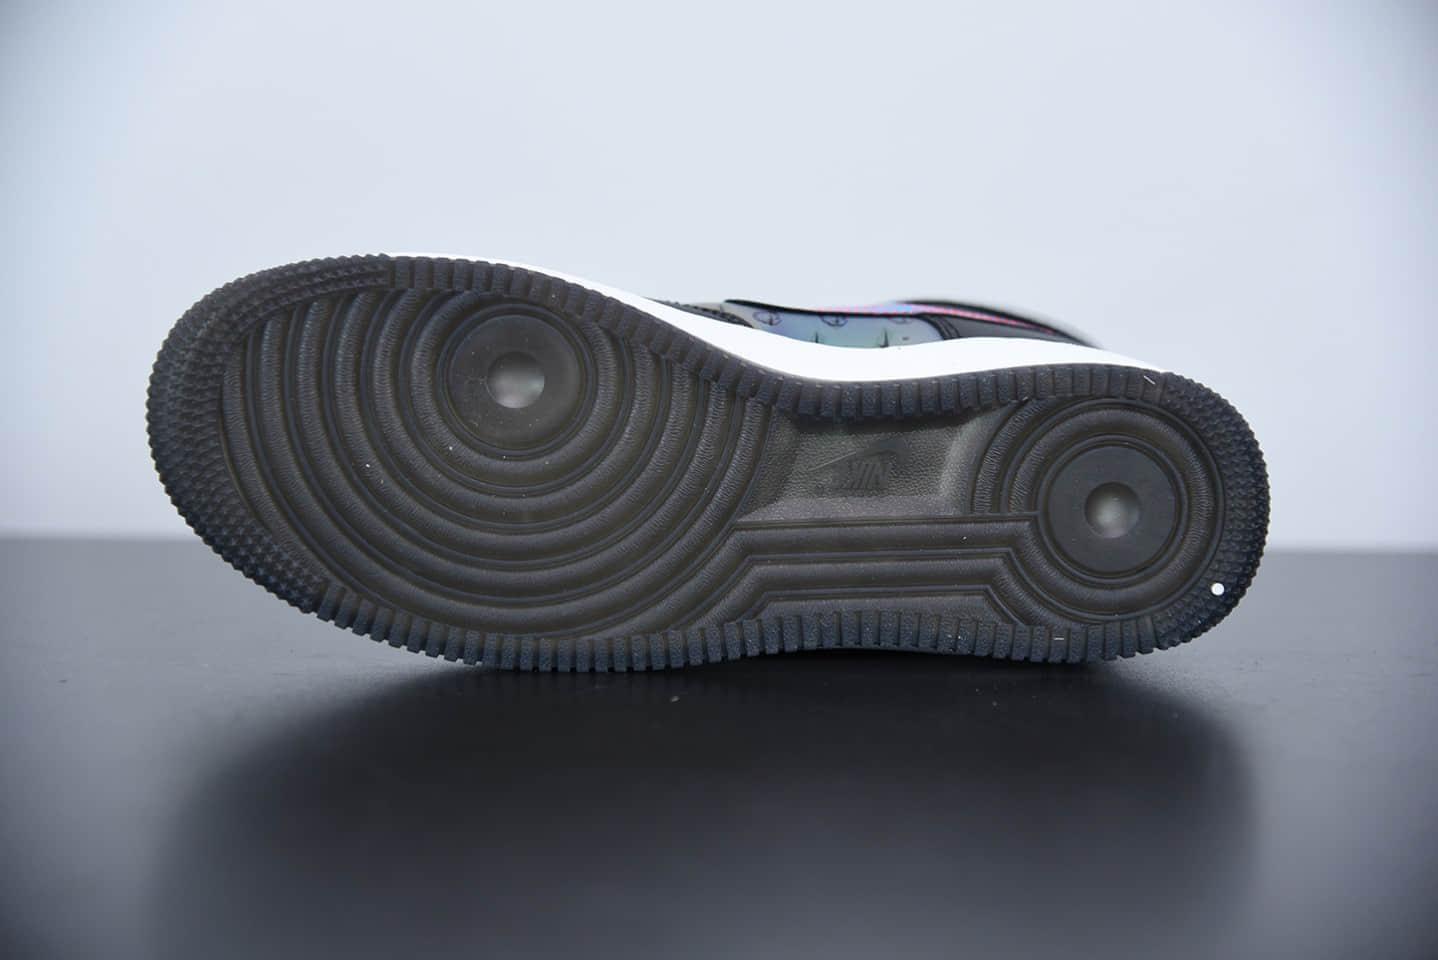 耐克Air Force 1 '07 LV8Good Game 电玩限定高帮黑炫彩镭射魔术贴空军一号板鞋纯原版本 货号:DC0831-101